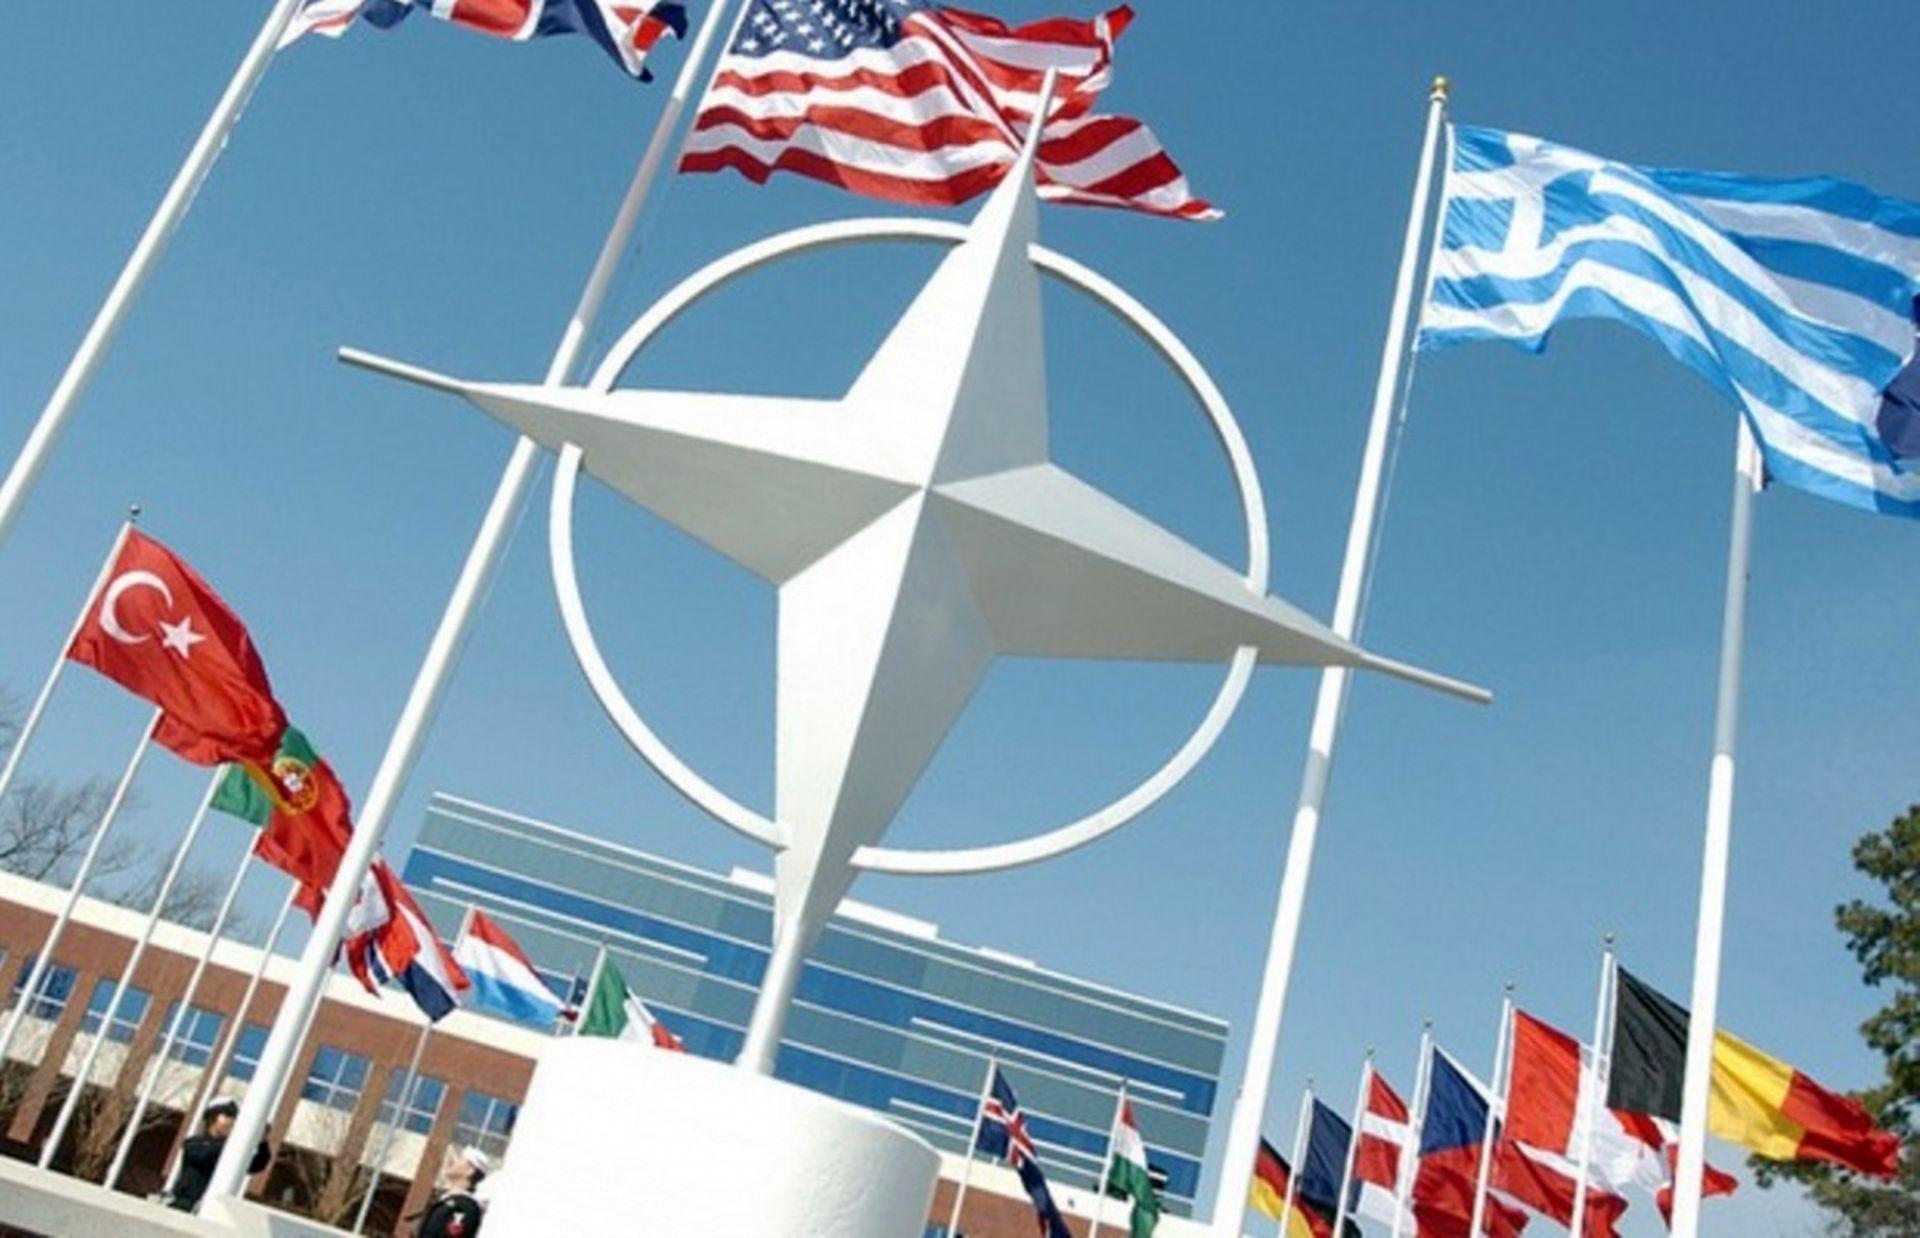 Verhovna Rada pidtrymala kurs Ukraїny na vstup do NATO i JeS